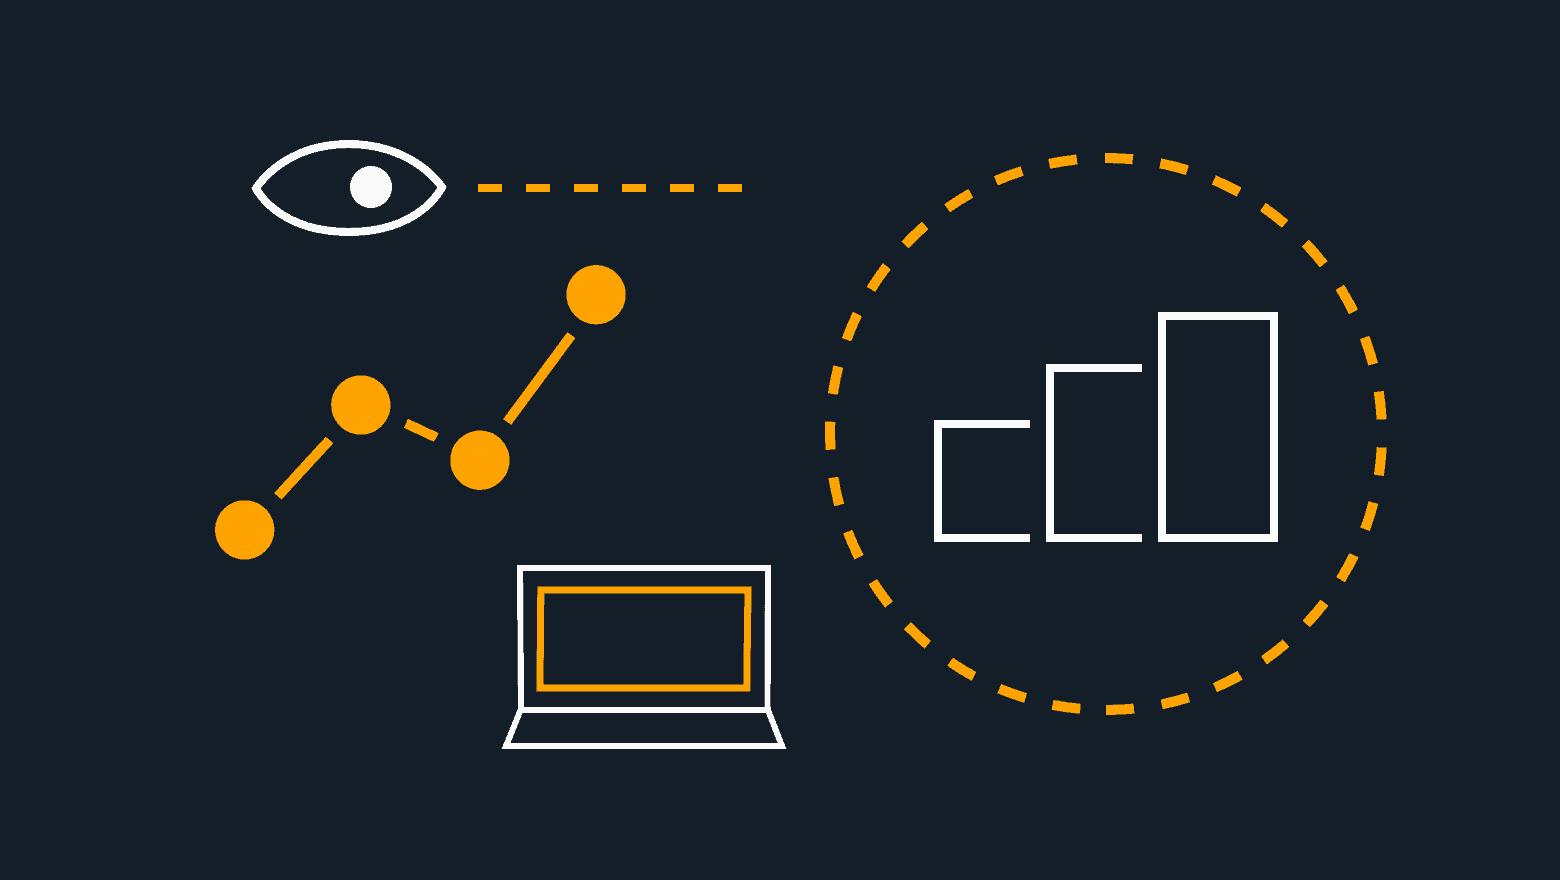 SEO metrics icon